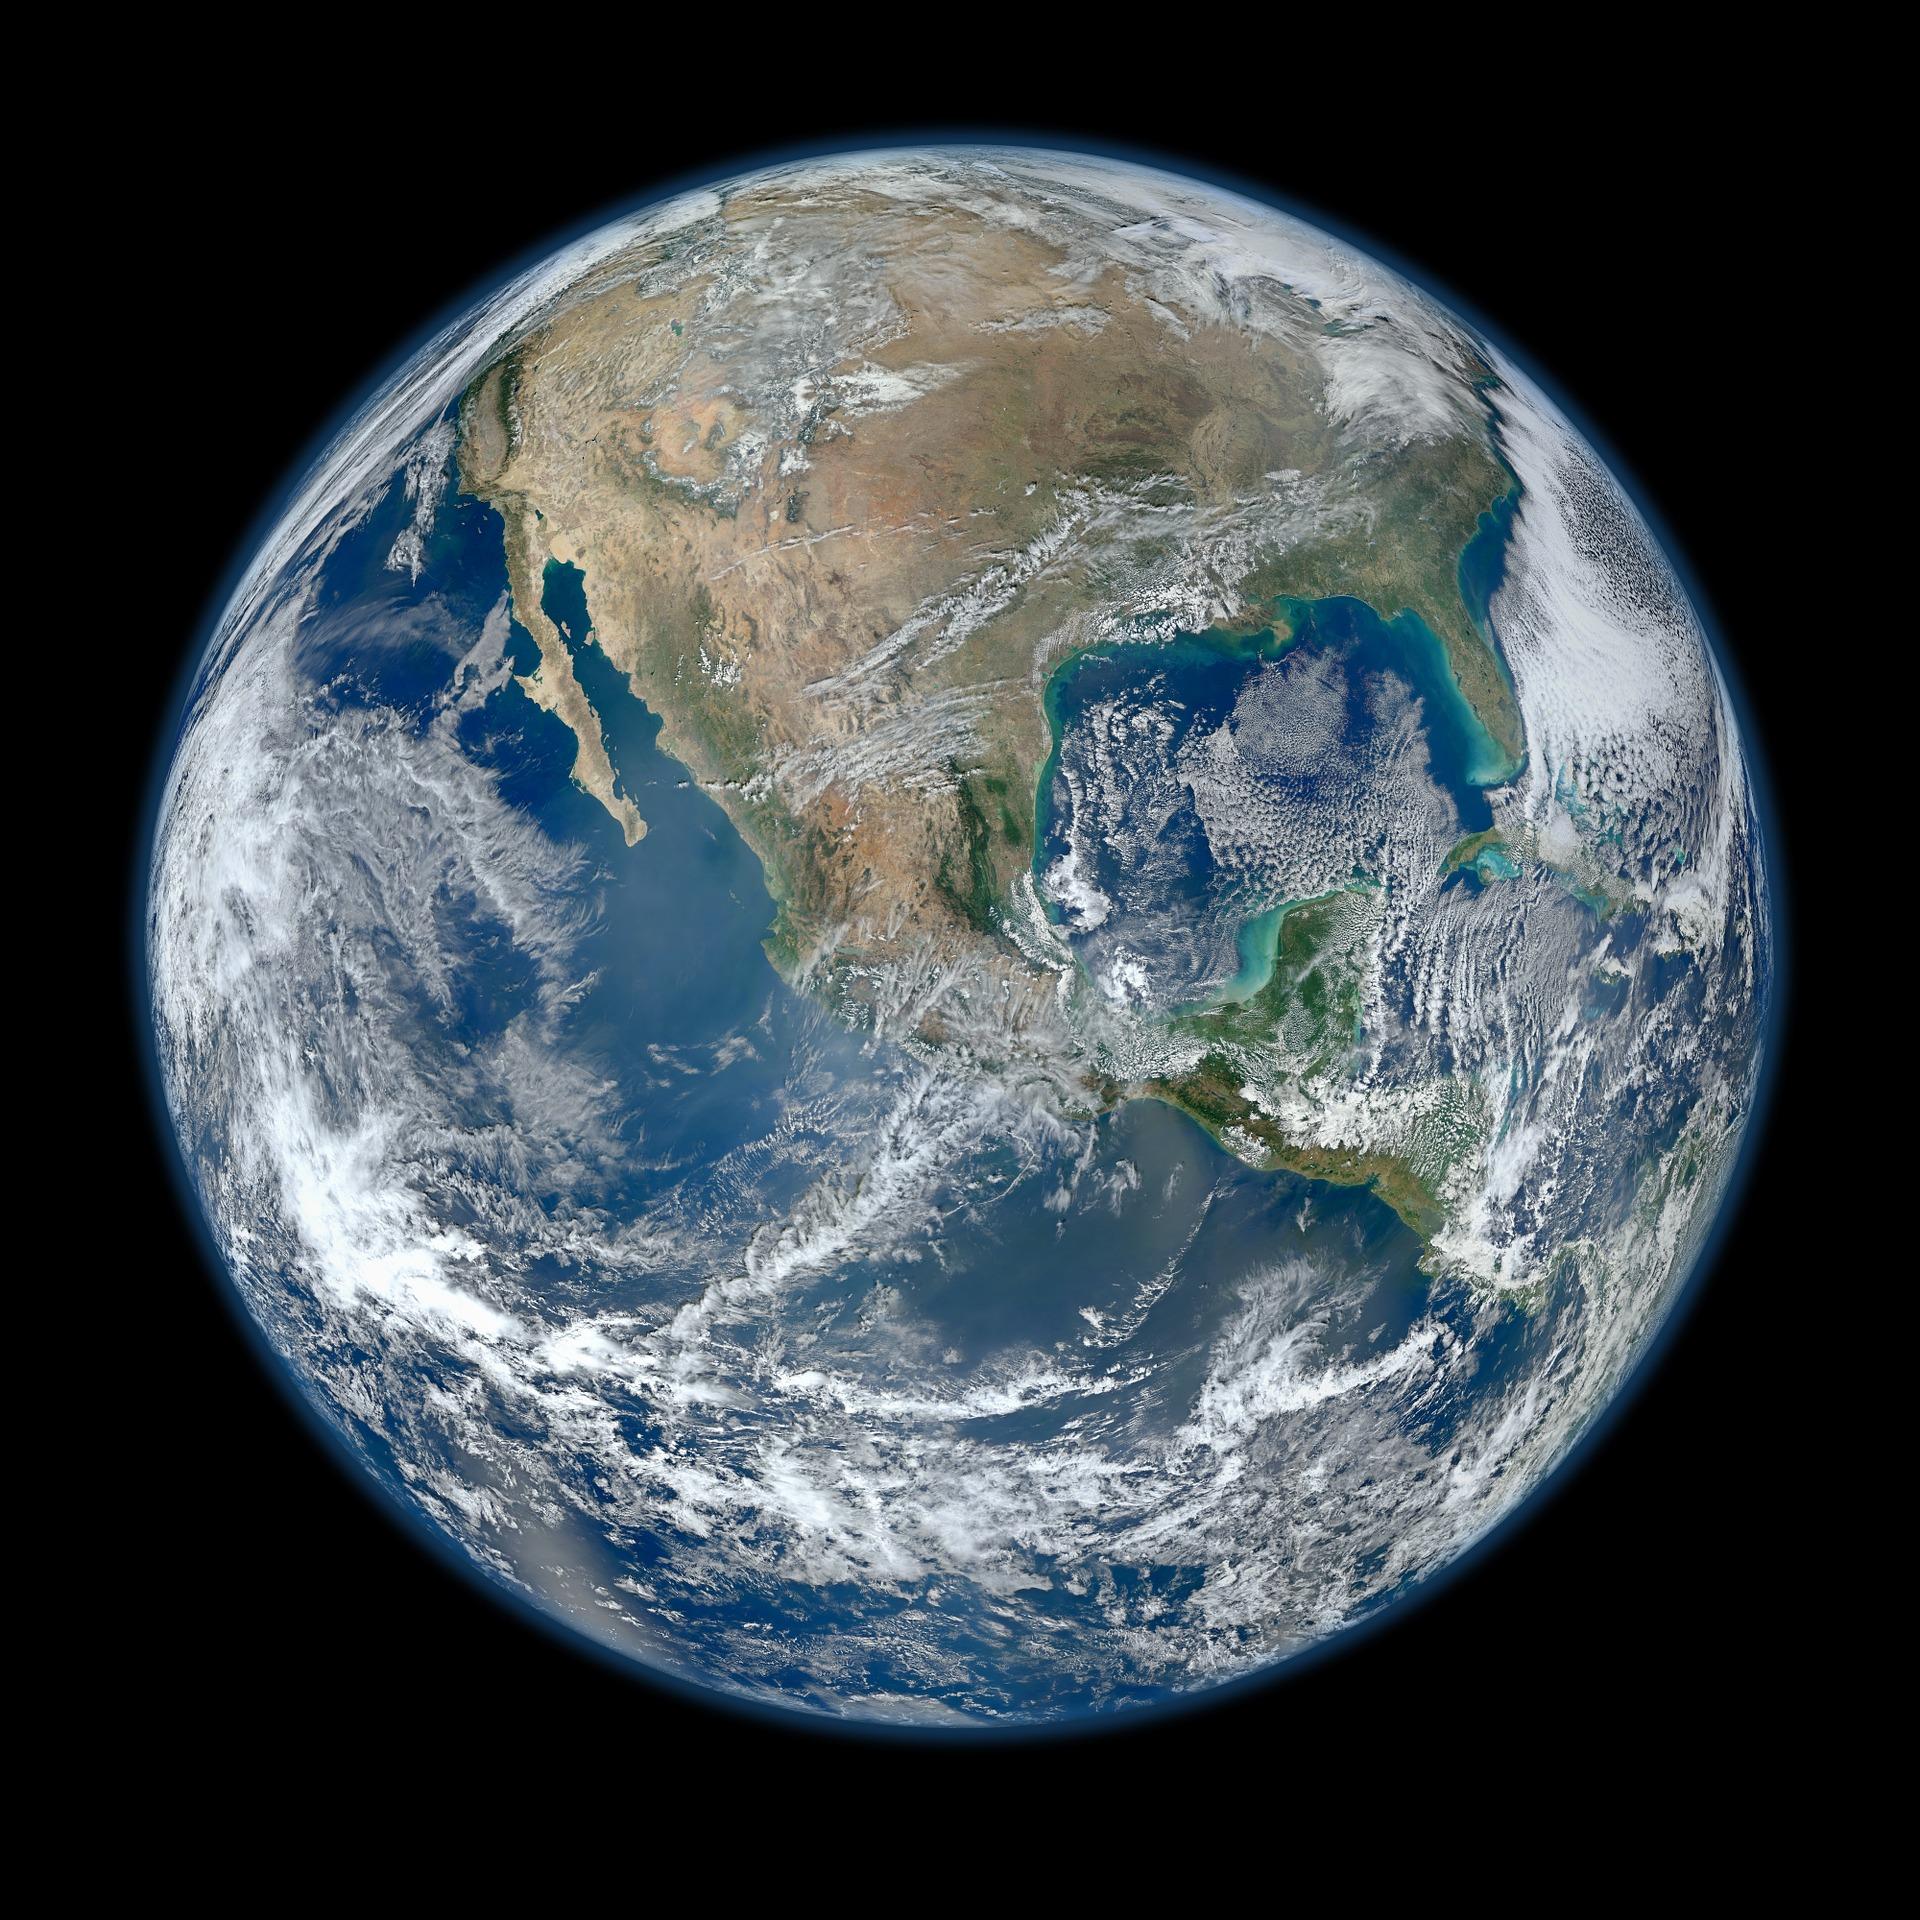 фотографии земли из космоса высокого разрешения высокого